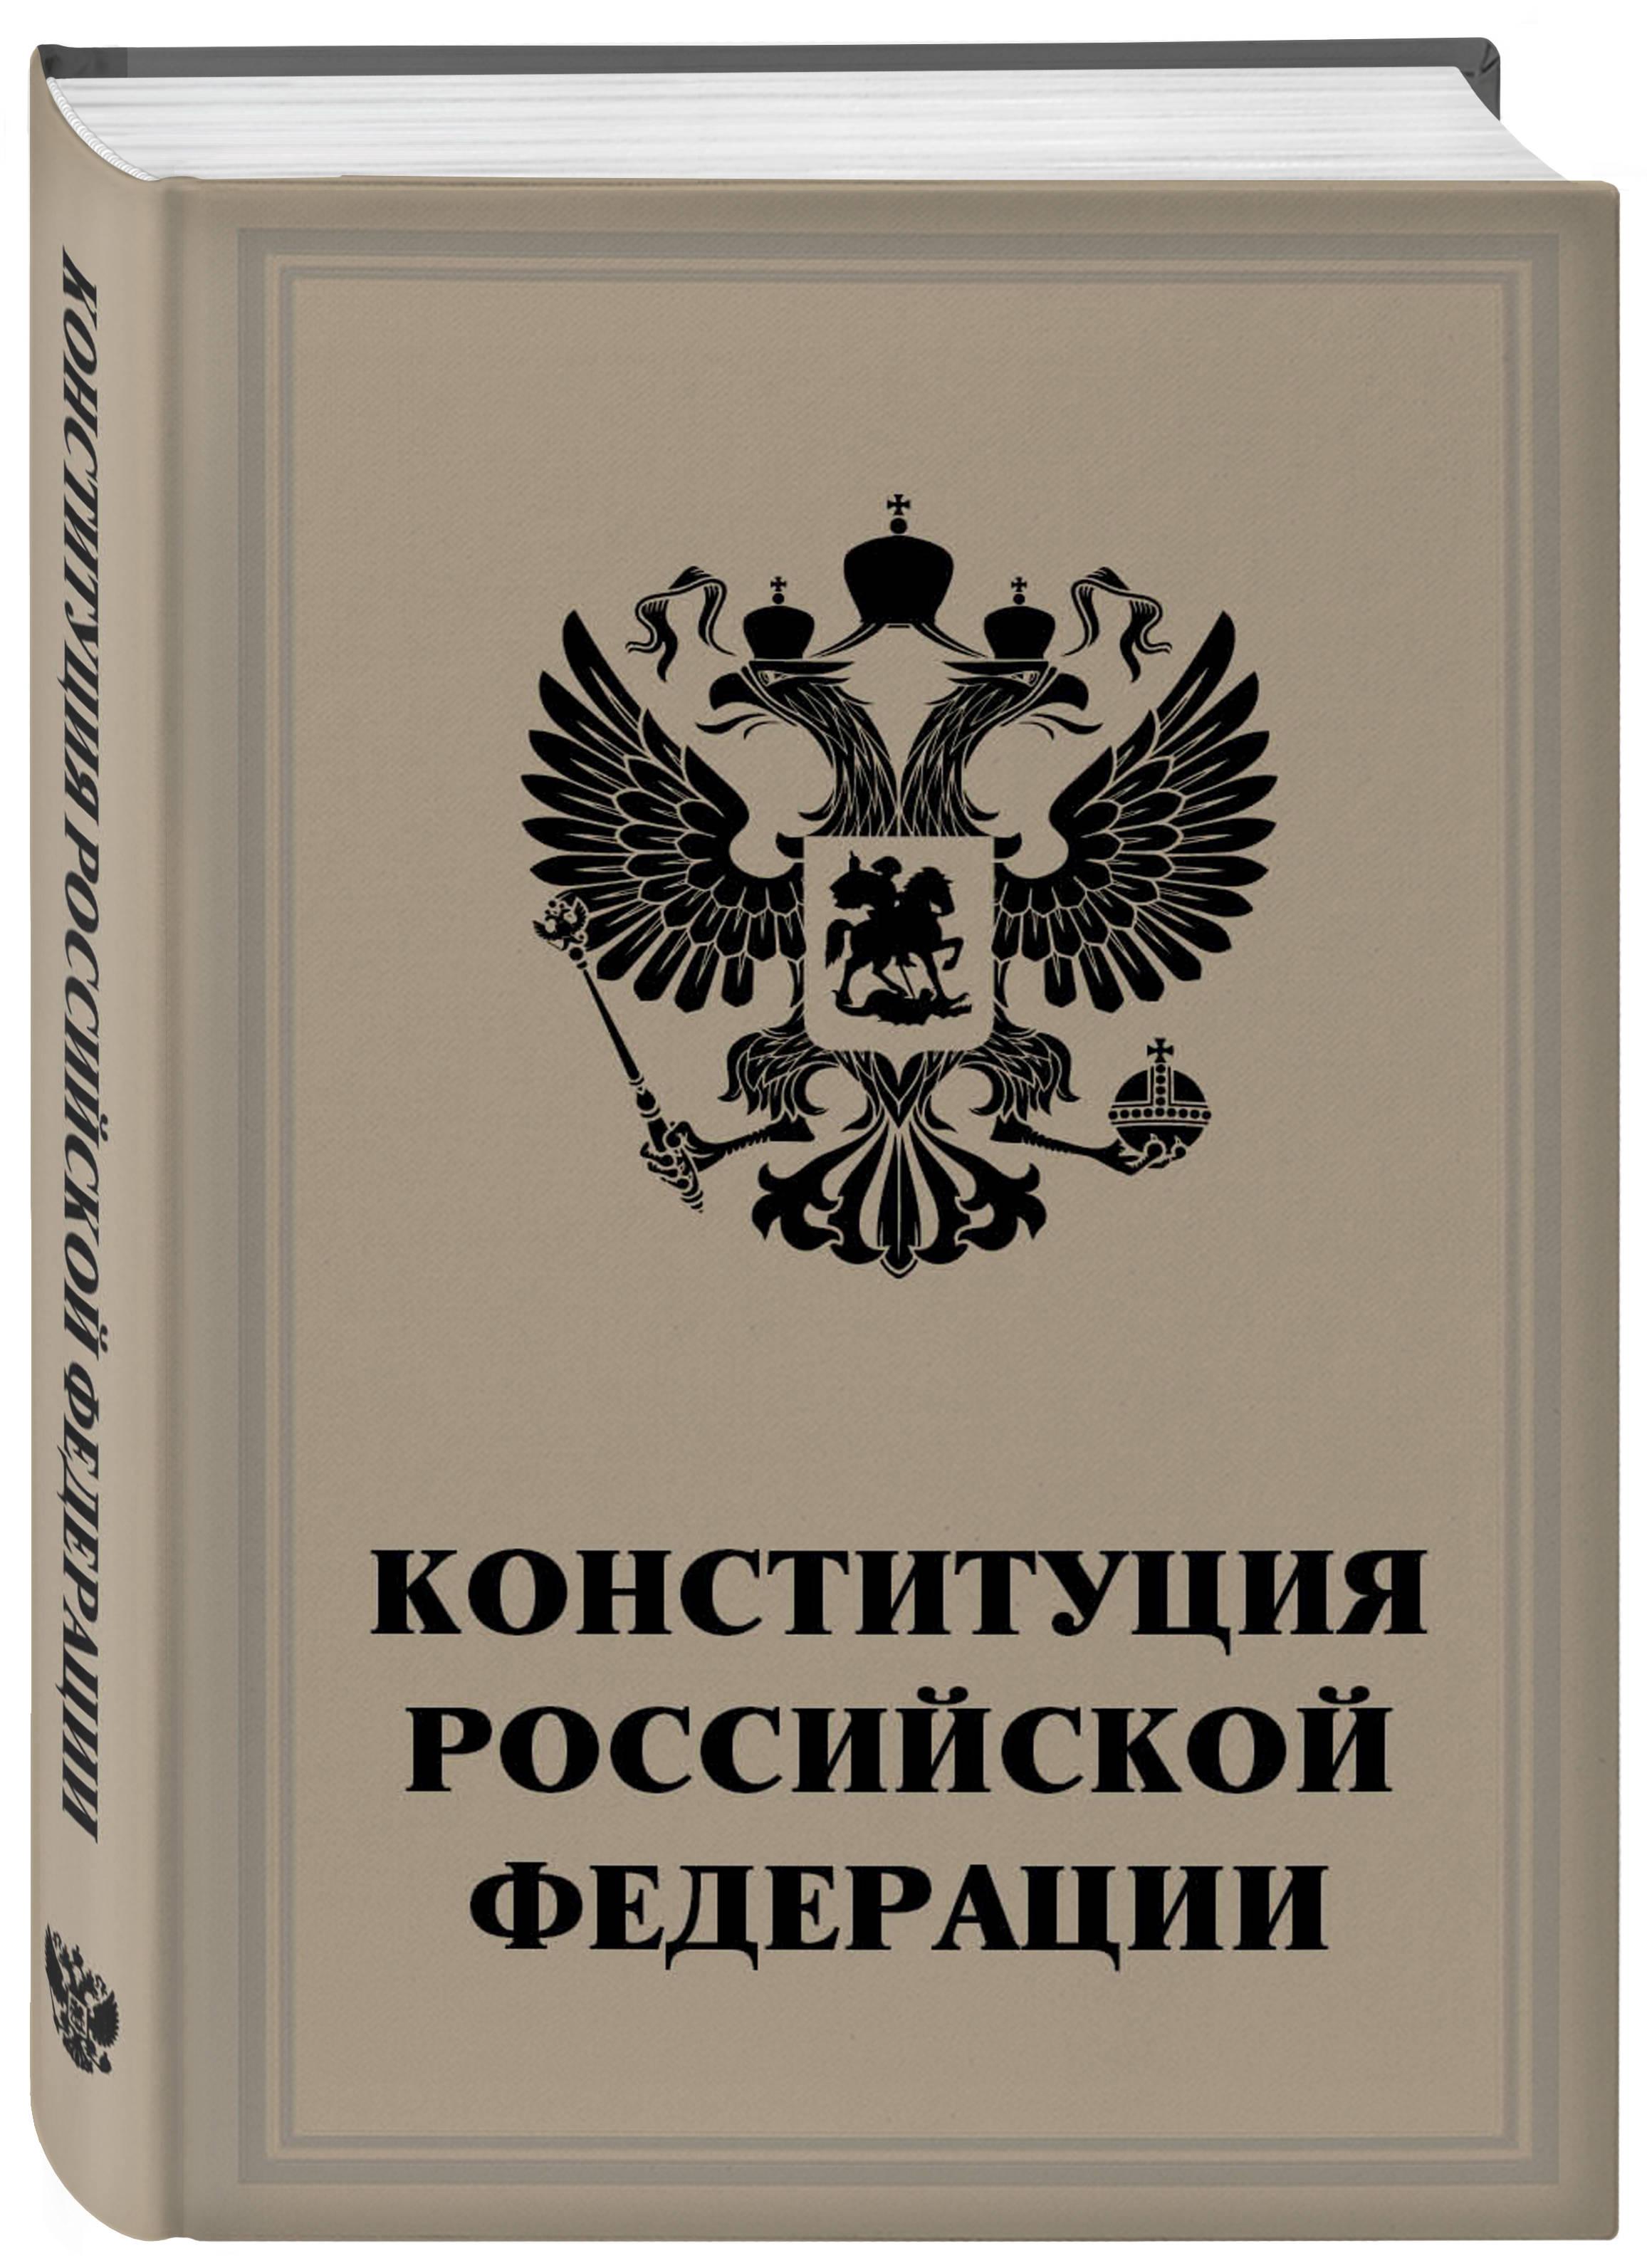 Конституция Российской Федерации